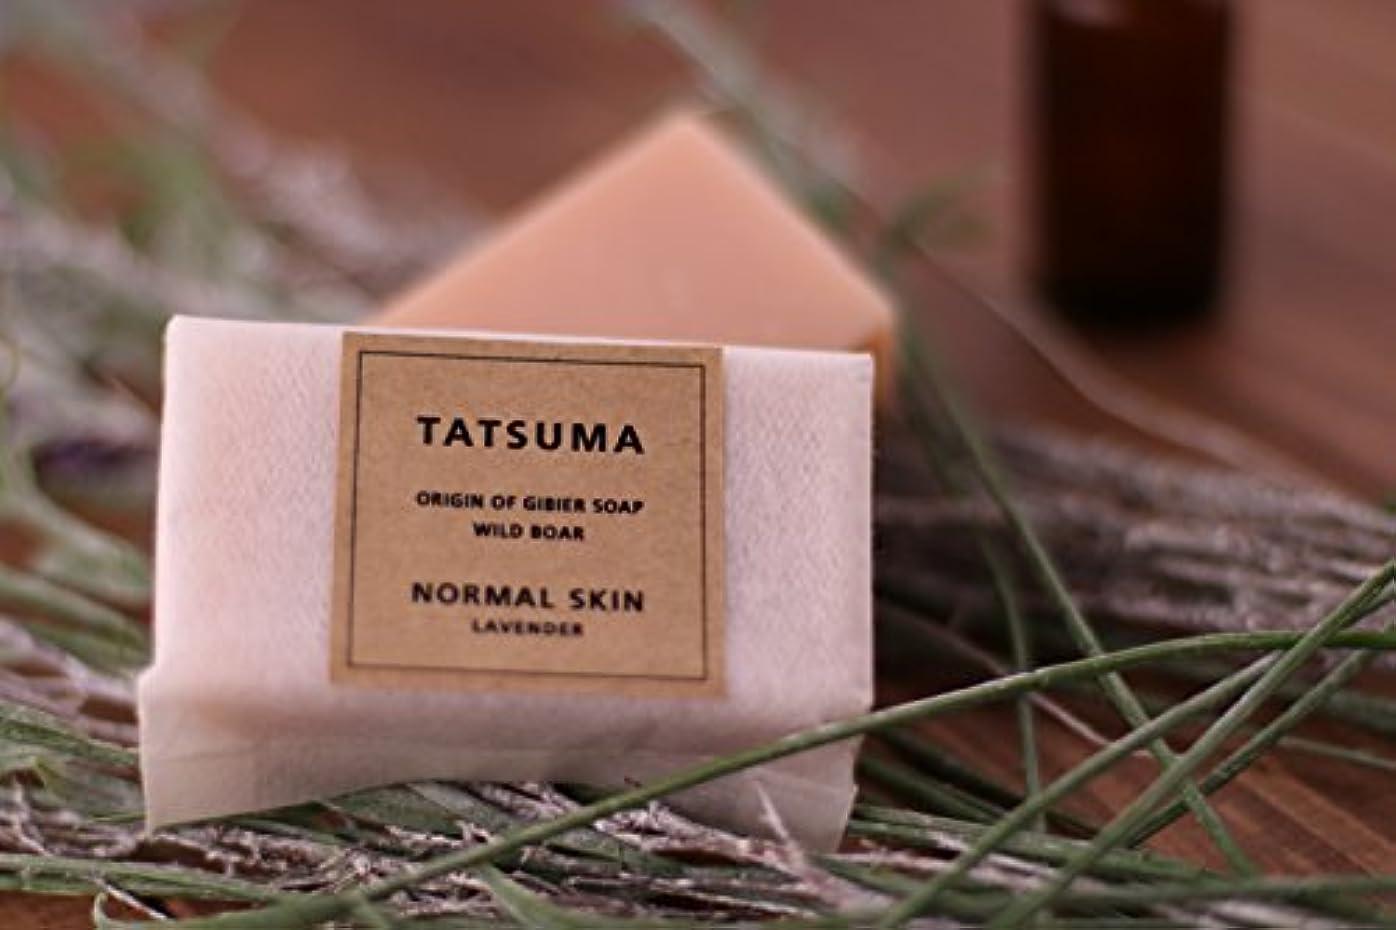 属するペダル魔術たつま石鹸21(化粧石鹸) 非加熱製法 | TATSUMA NORMAL SKIN LAVENDER